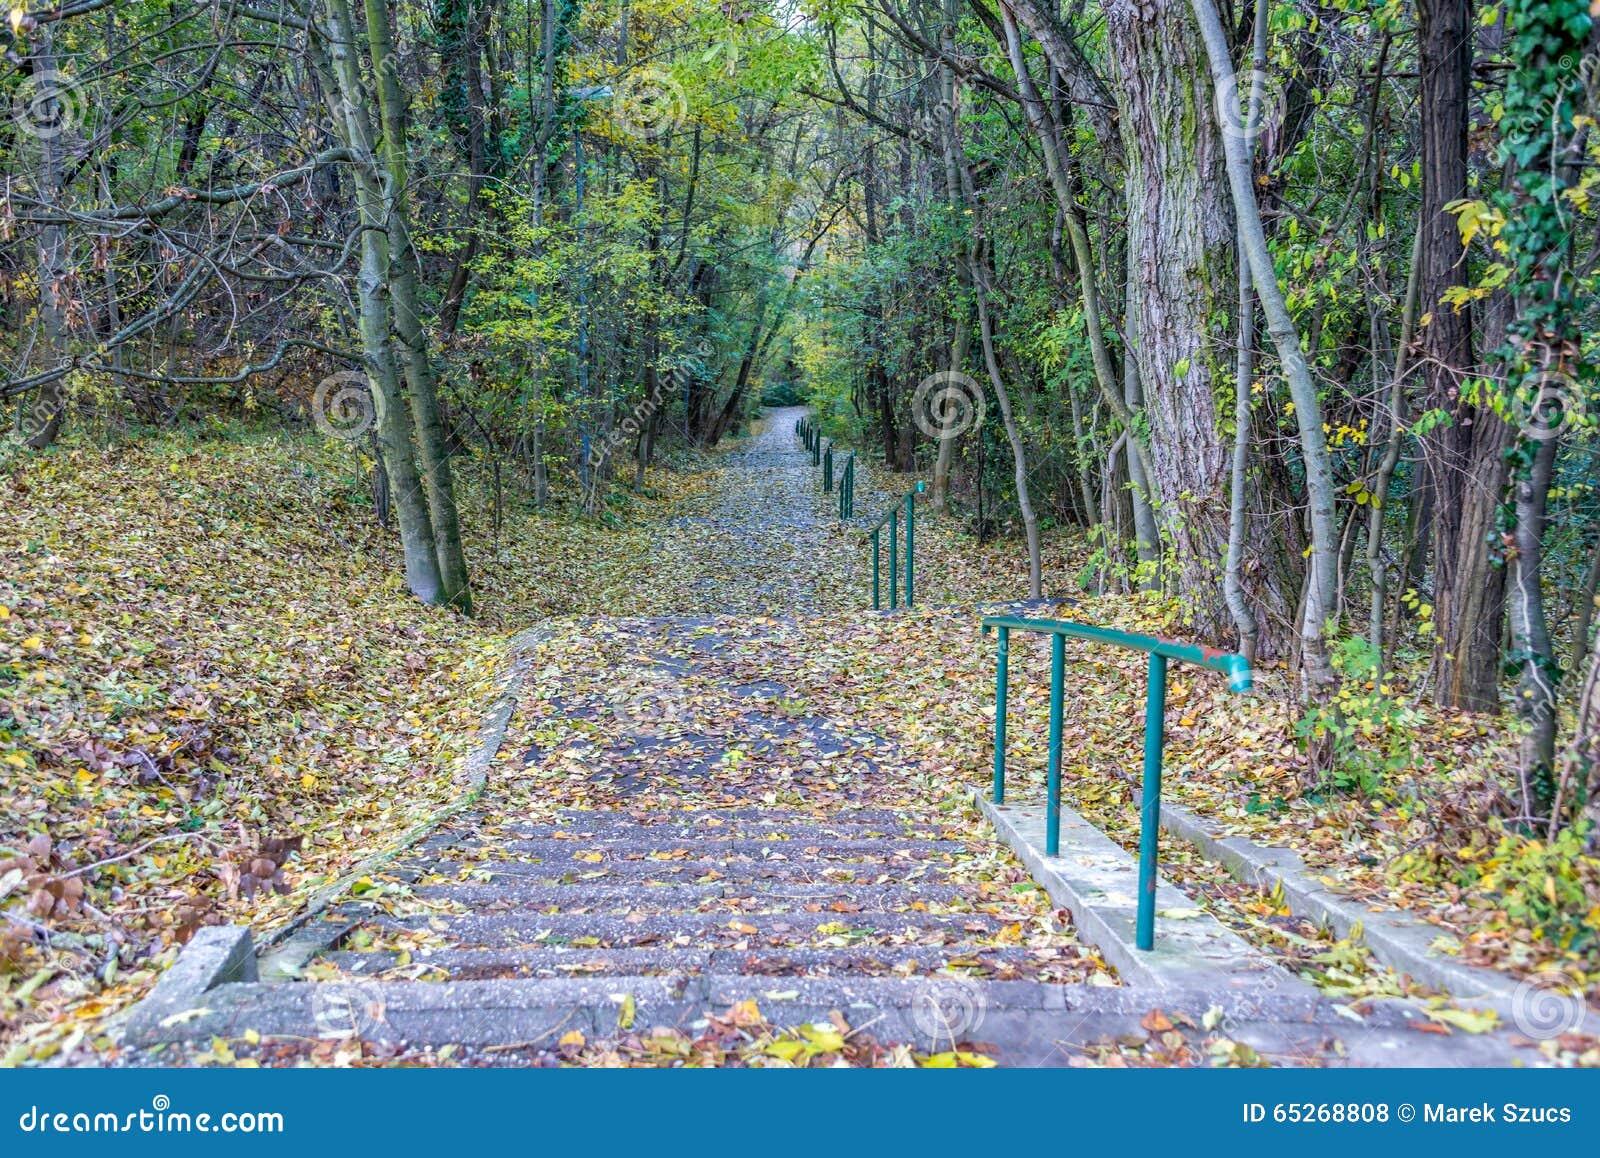 Escaleras concretas largas en el parque m s forrest en el for Escaleras largas